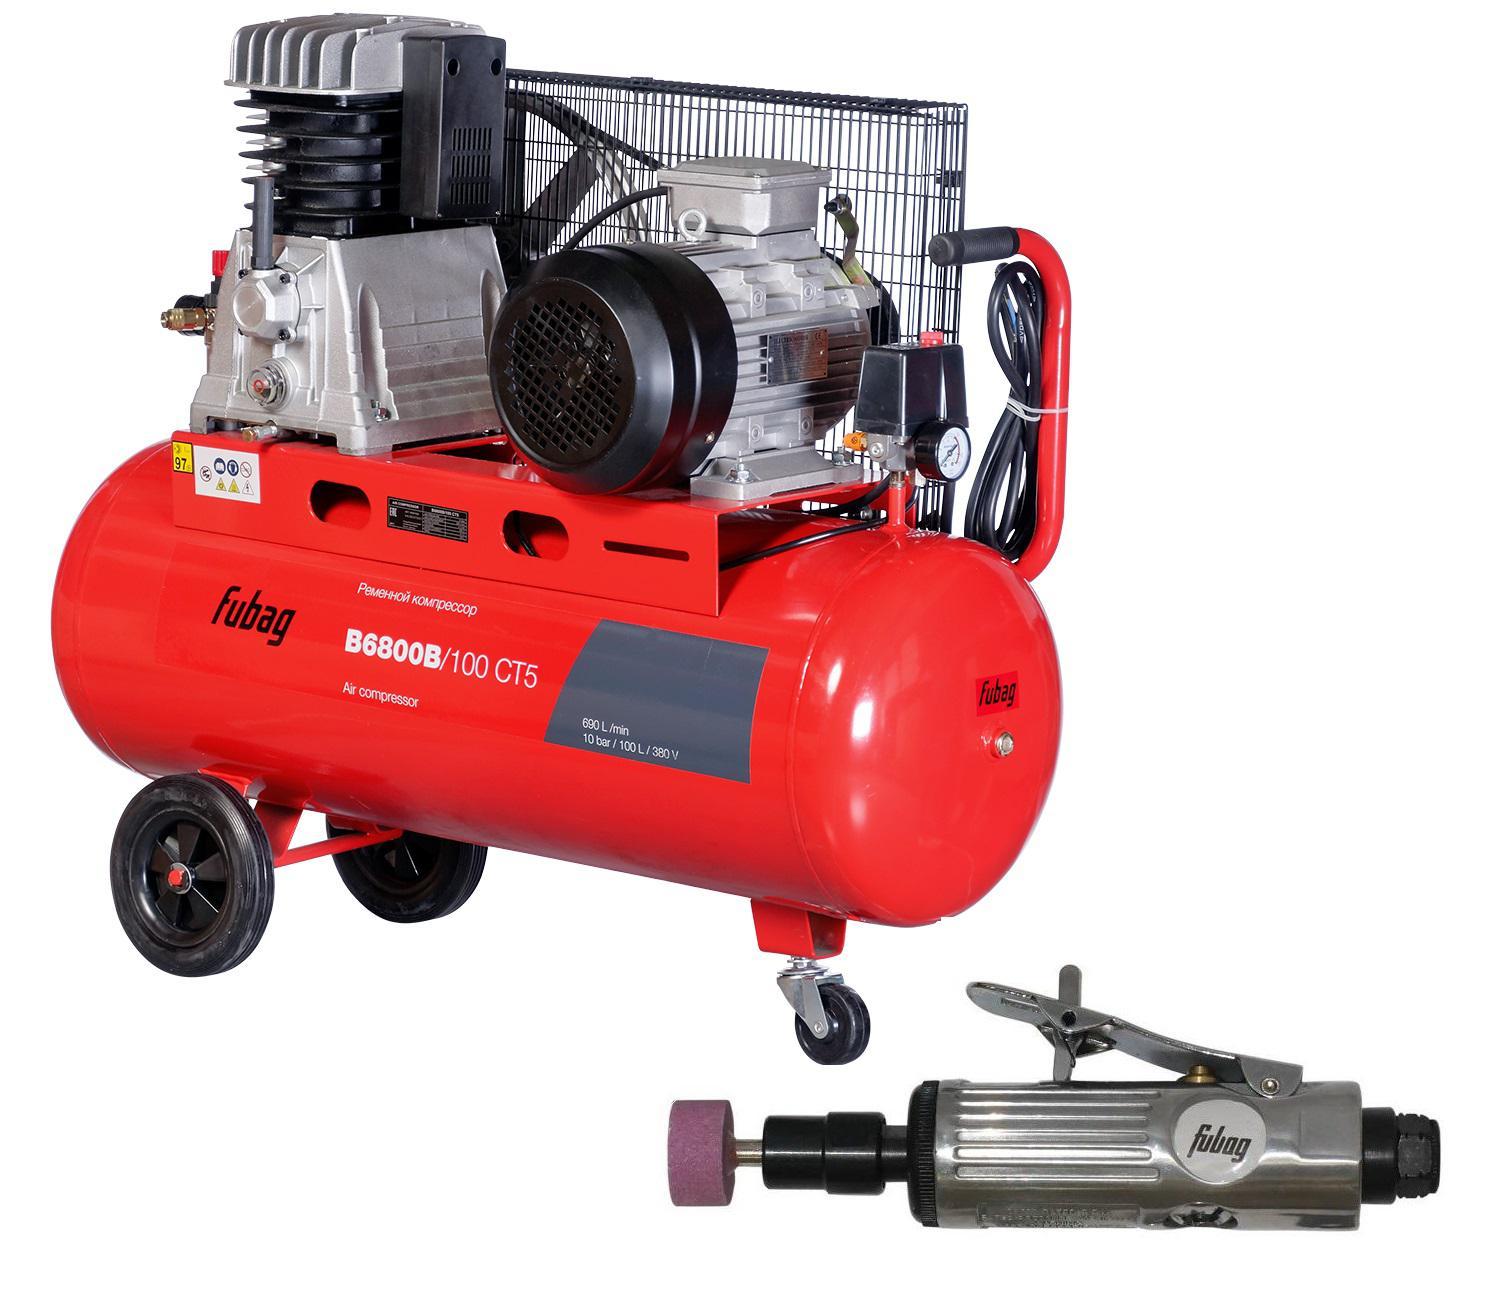 Компрессор Fubag B6800b/100 СТ5 + Шлиф. машина gl103 компрессор fubag b4000b 100 см3 45681496